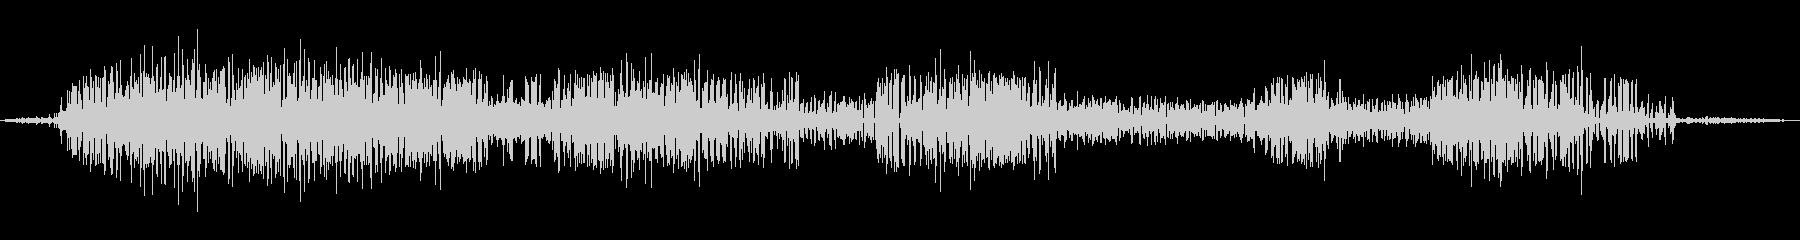 【自然音】カエルの鳴き声01(安曇野)の未再生の波形